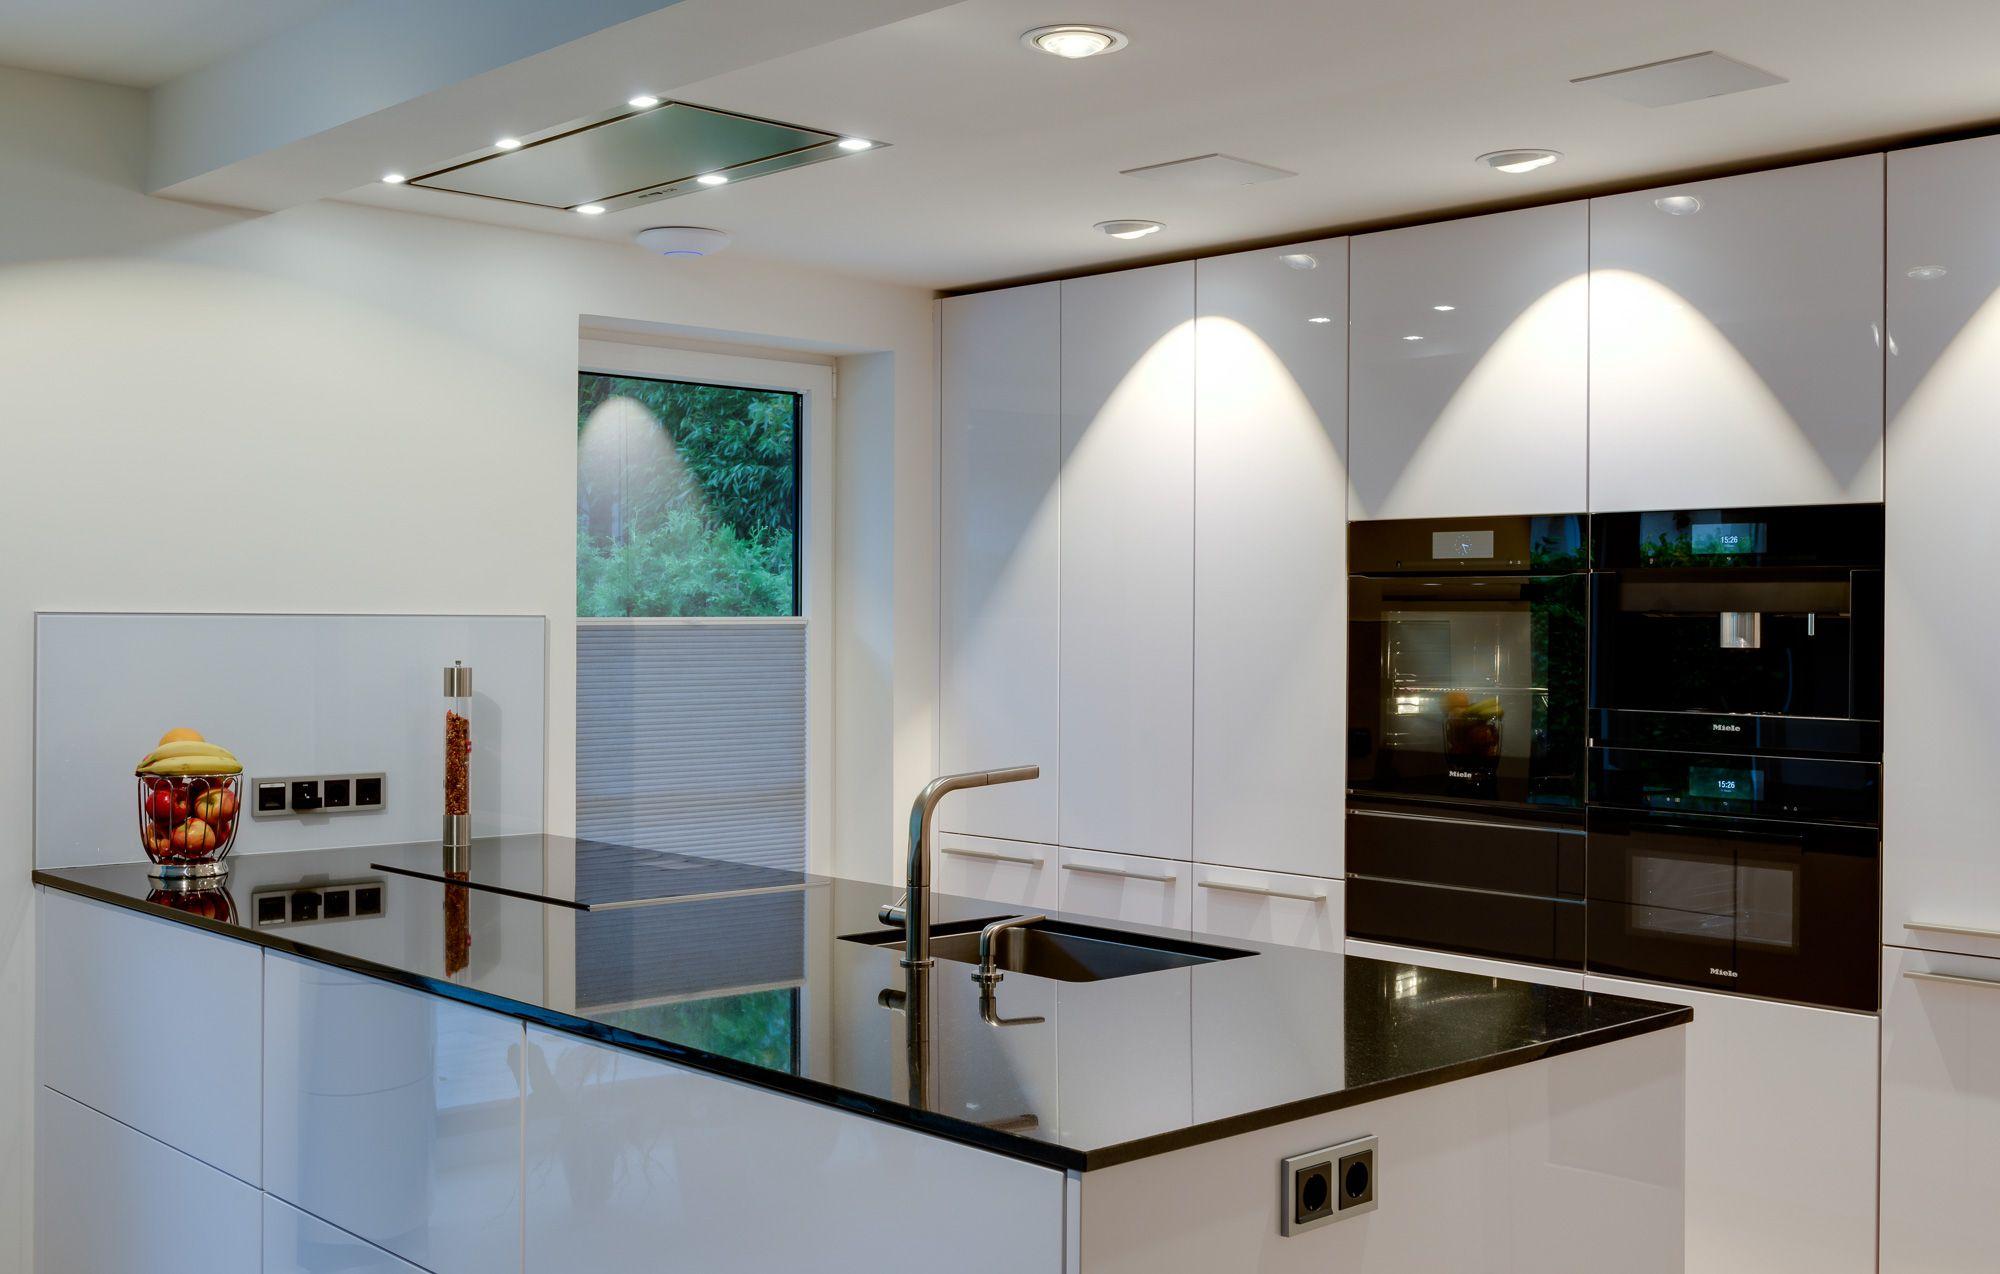 Minimalismus beim Kochen und Spülen Das minimalistische Design der ...